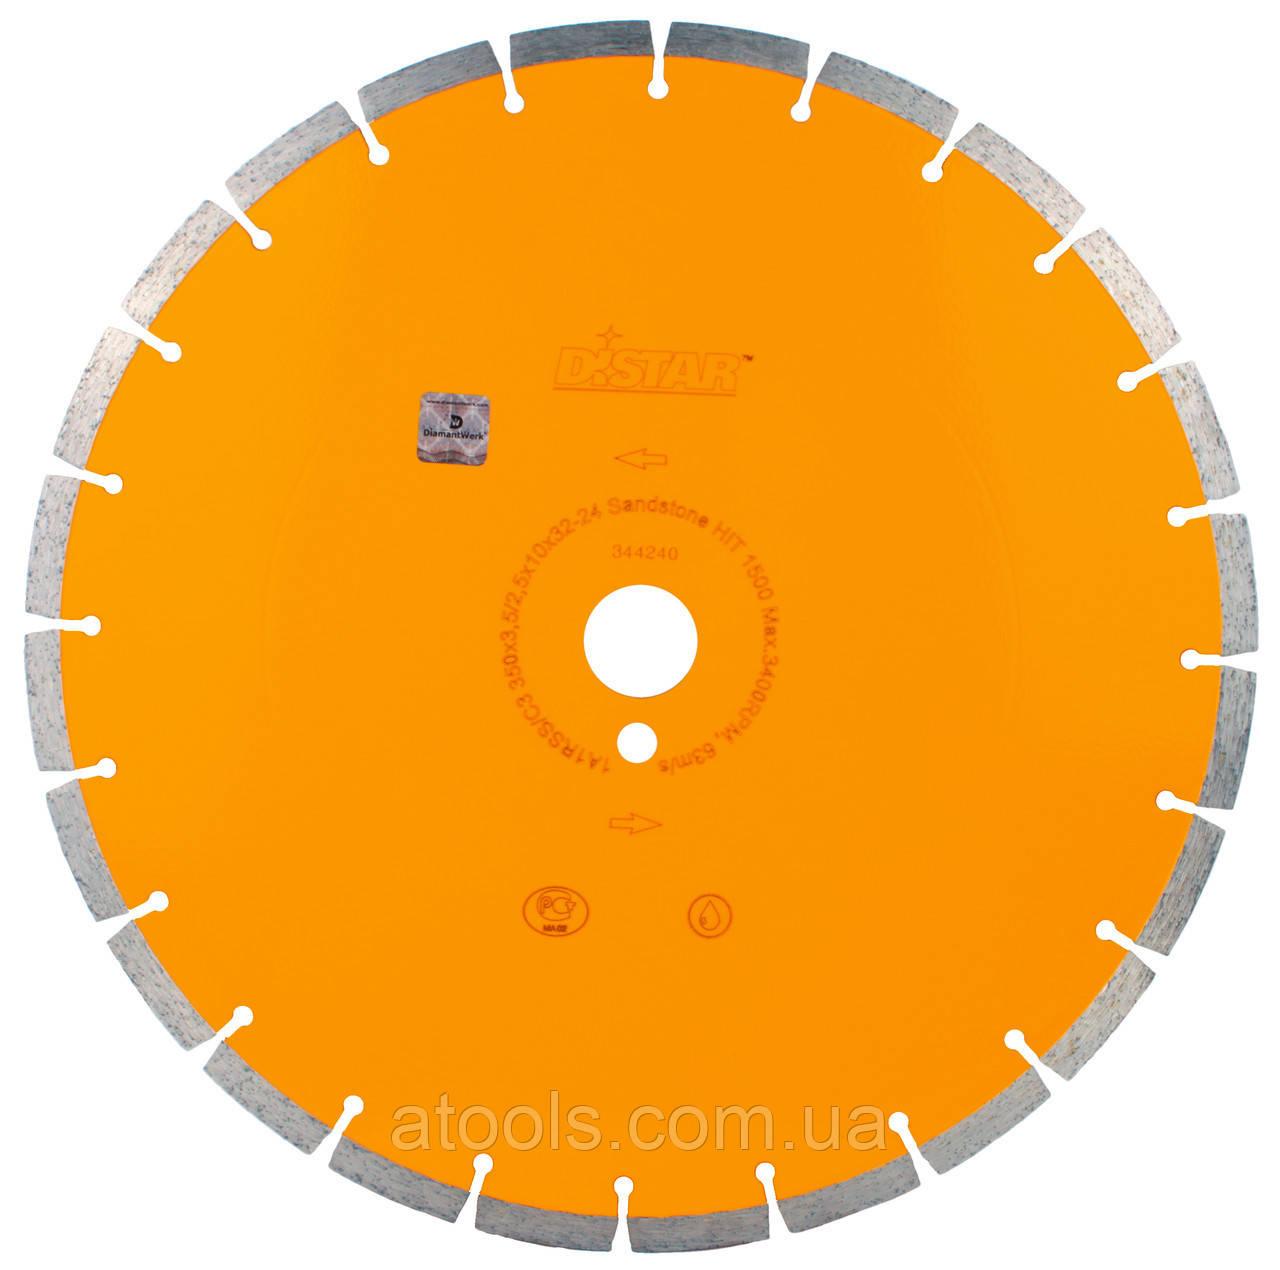 Алмазный отрезной диск Distar 1A1RSS/C3 360x3.5/2.5x15x32-24 Sandstone HIT 1500 (14327139025)